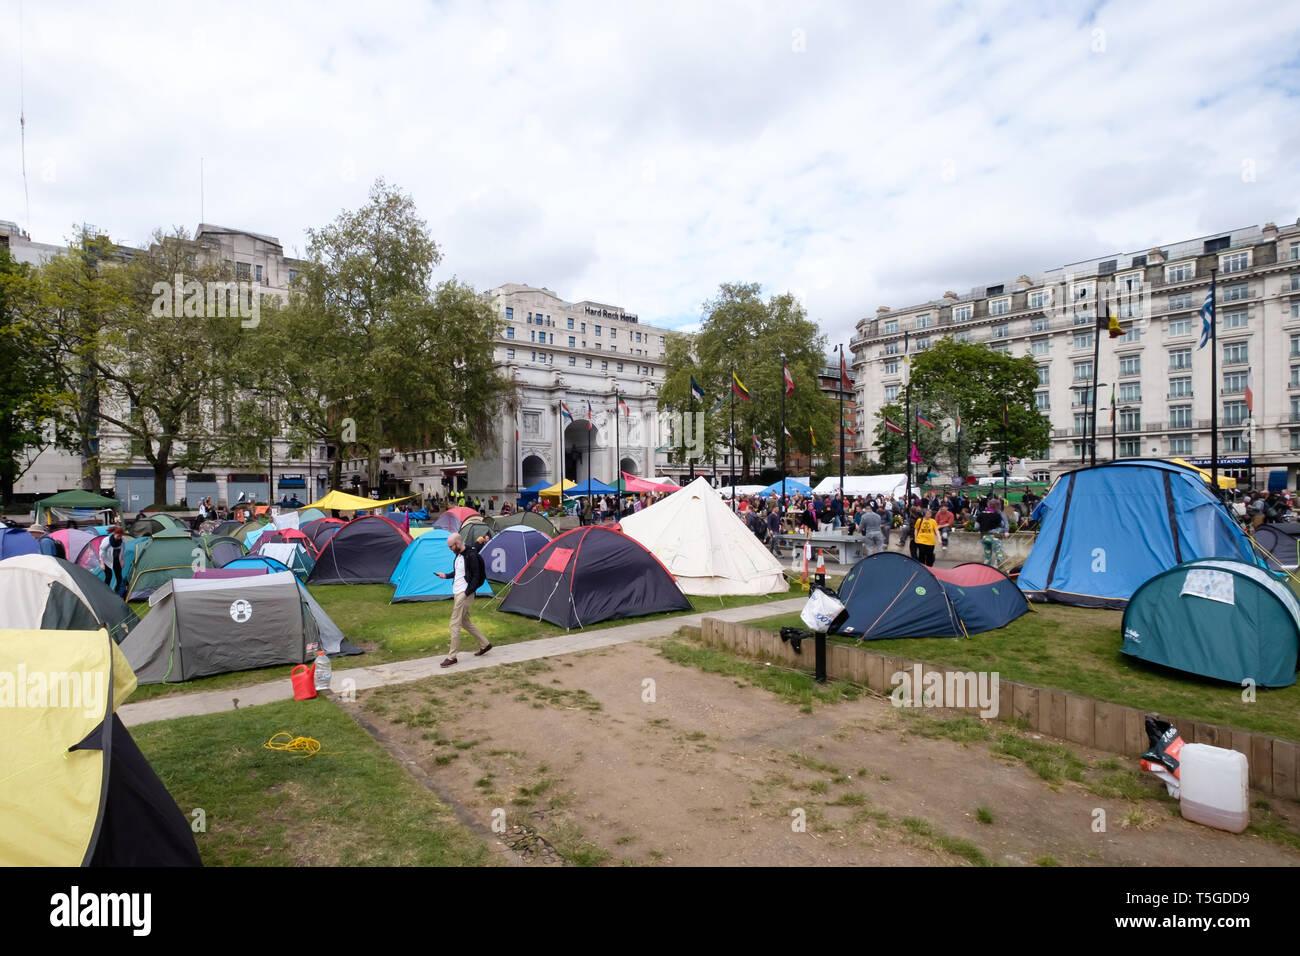 London, Großbritannien. 24. April 2019. Einige der Zelte auf dem Marble Arch. Die Polizei wurde entfernen Menschen blockieren Oxford St, die letzte Straße Block um Marble Arch an diesem Nachmittag. Einige Leute wurden auf und werden sorgfältig heraus, die von den Offizieren cut gesperrt, während andere saß ruhig von der Polizei umstellt und wartete, während eine kleine Menge durch mehrere Linien der Polizei beobachtete, wie die Offiziere, die versucht, sie zu erhalten, zu verschieben, verhaftet zu werden. Bei Marble Arch der Protest mit Trommeln und Tanzen, kostenloses Essen und Hunderte von Zelten fortgesetzt. Peter Marshall / alamy Leben Nachrichten Stockbild